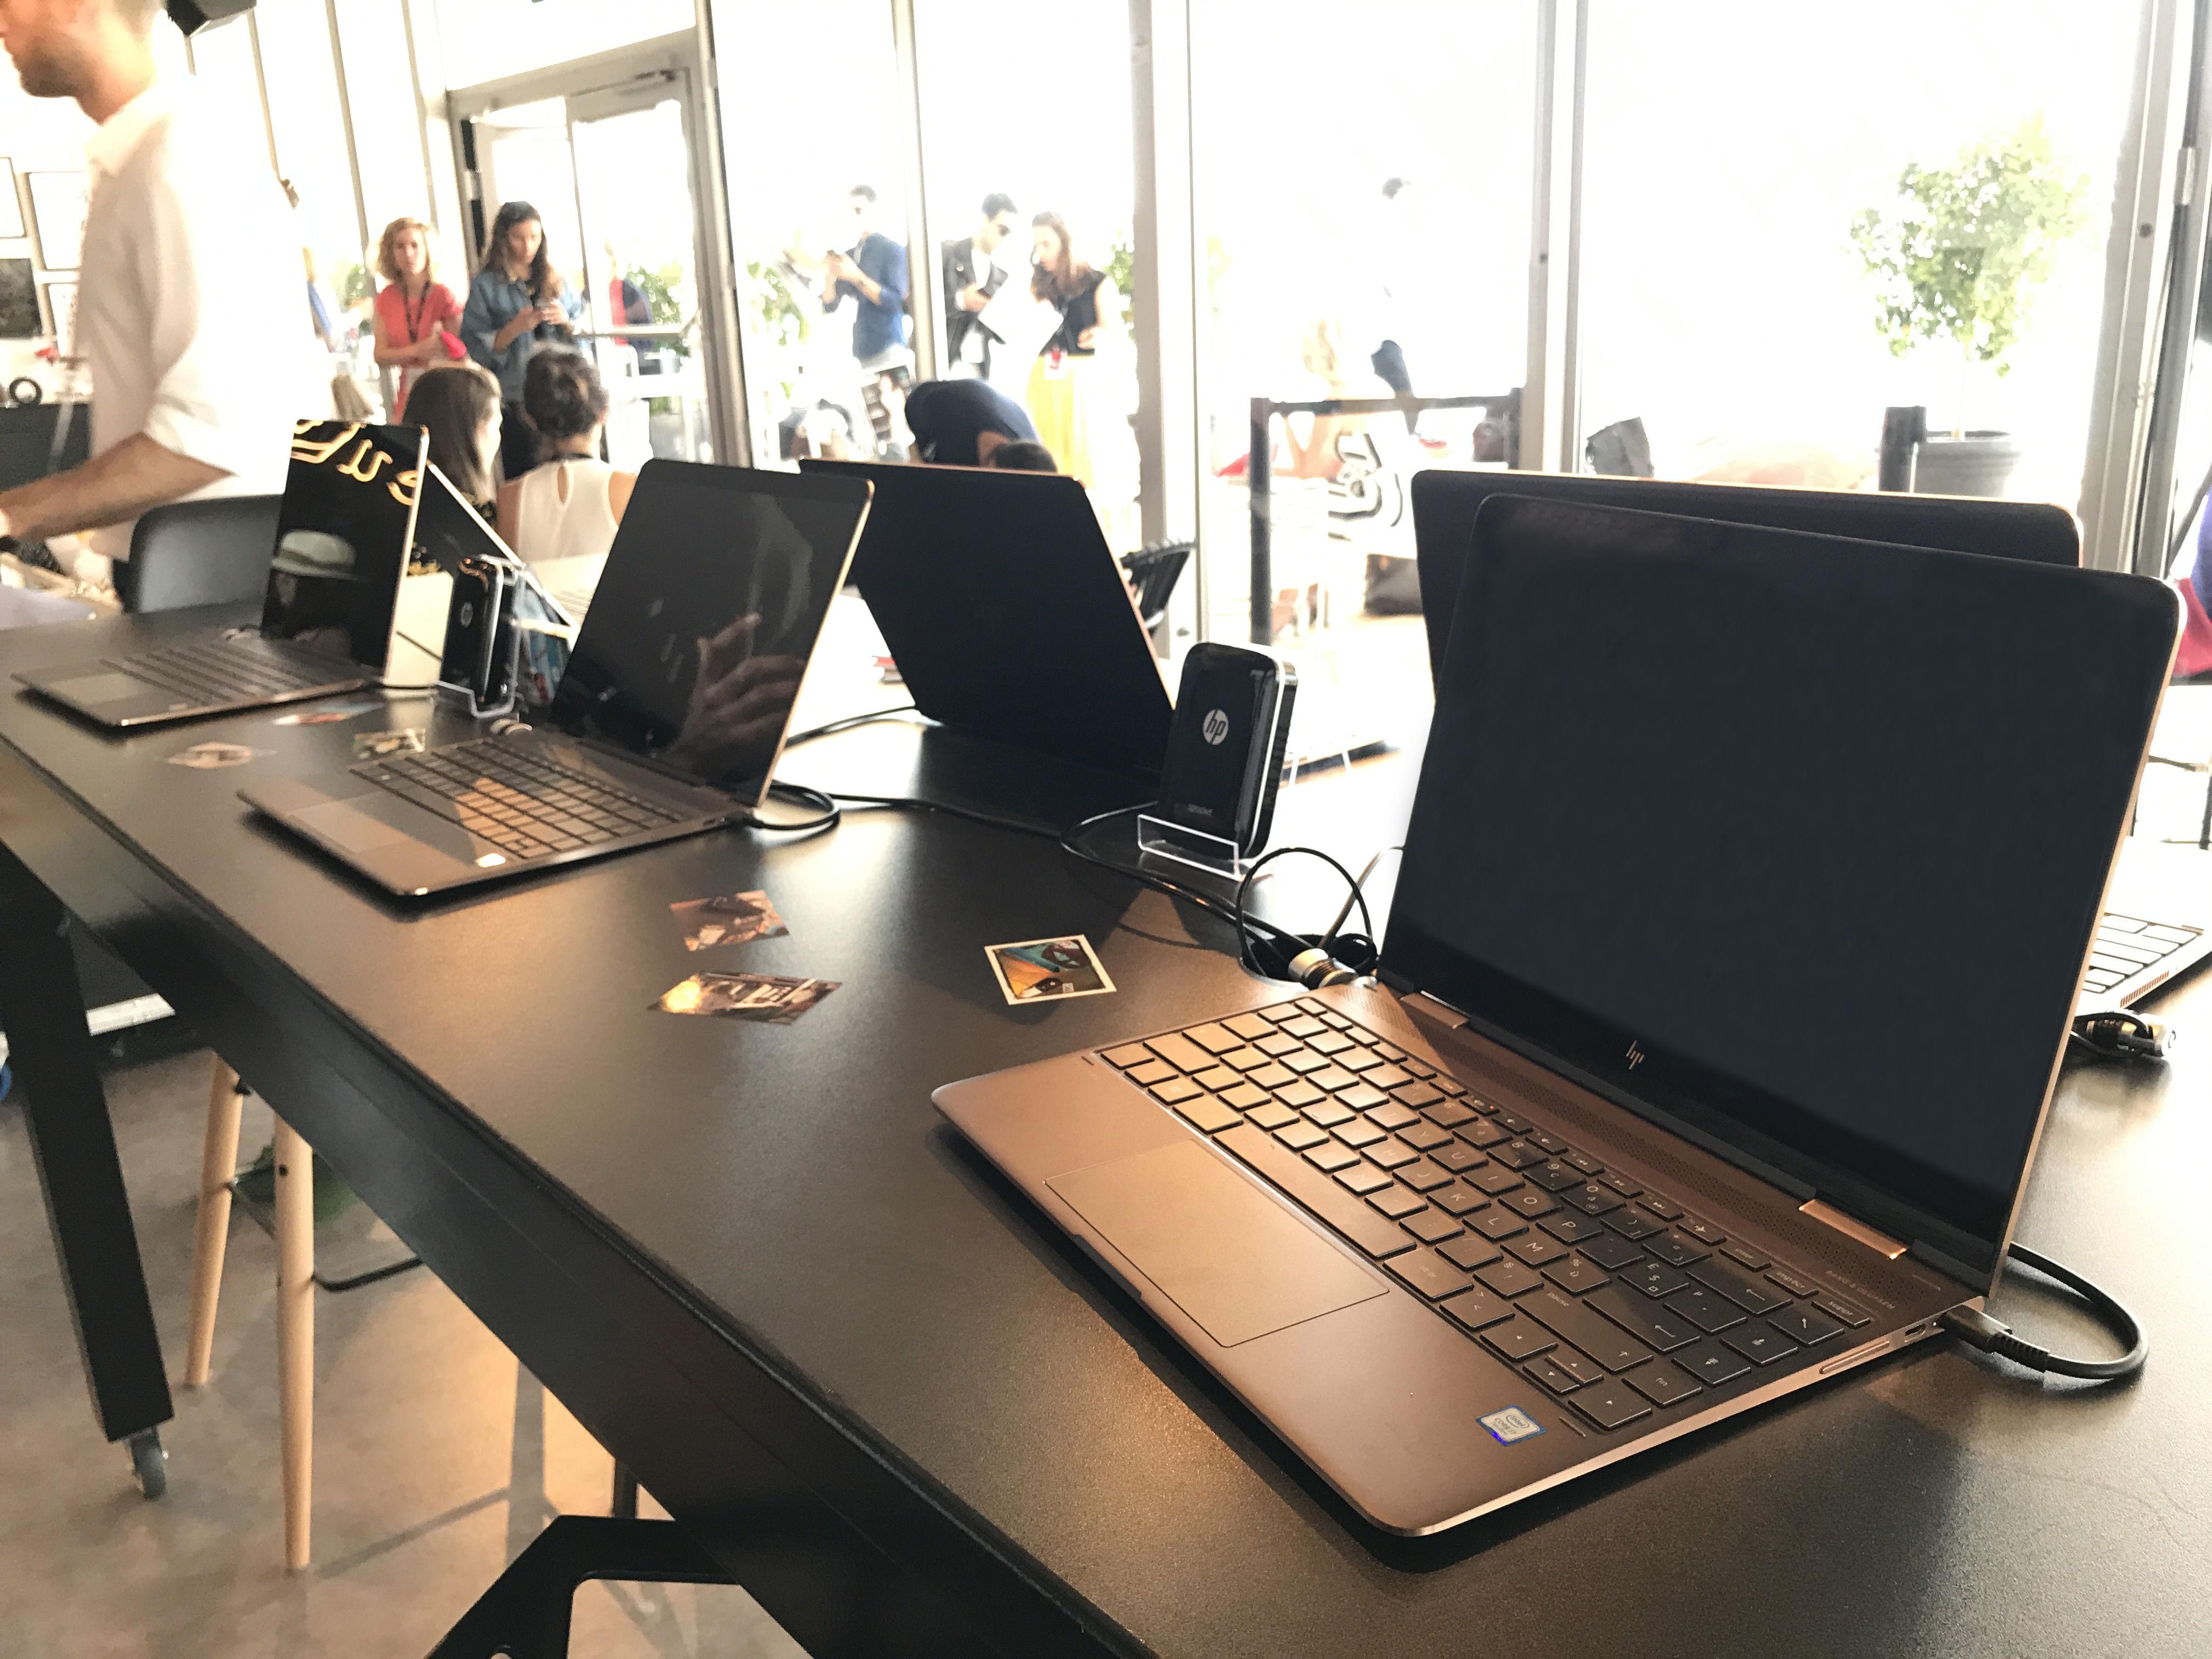 惠普幽灵HP Spectre x2二合一笔记本电脑在戛纳电影节现场.jpg